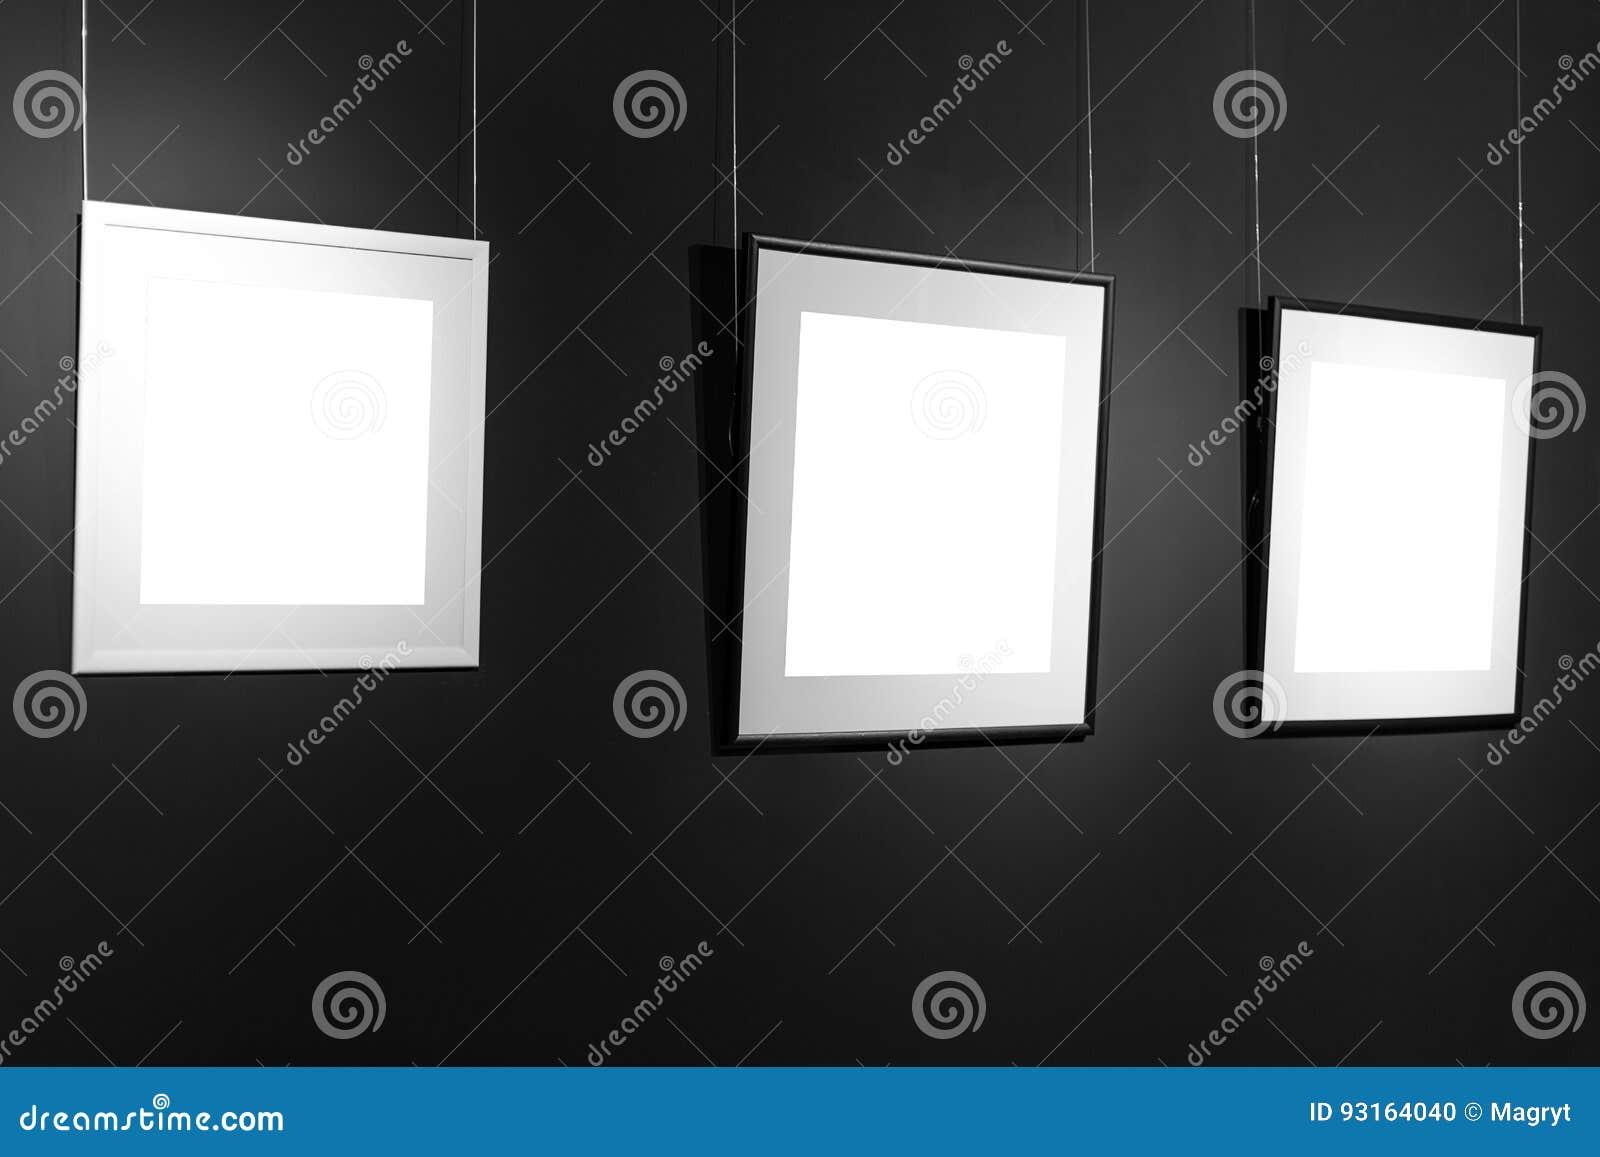 Drei Leere Rahmen Auf Schwarzer Wand Leerstelleposter Oder Kunstrahmen, Der  Wartet Gefüllt Zu Werden Quadratisches Schwarzweiss Rahmen Modell